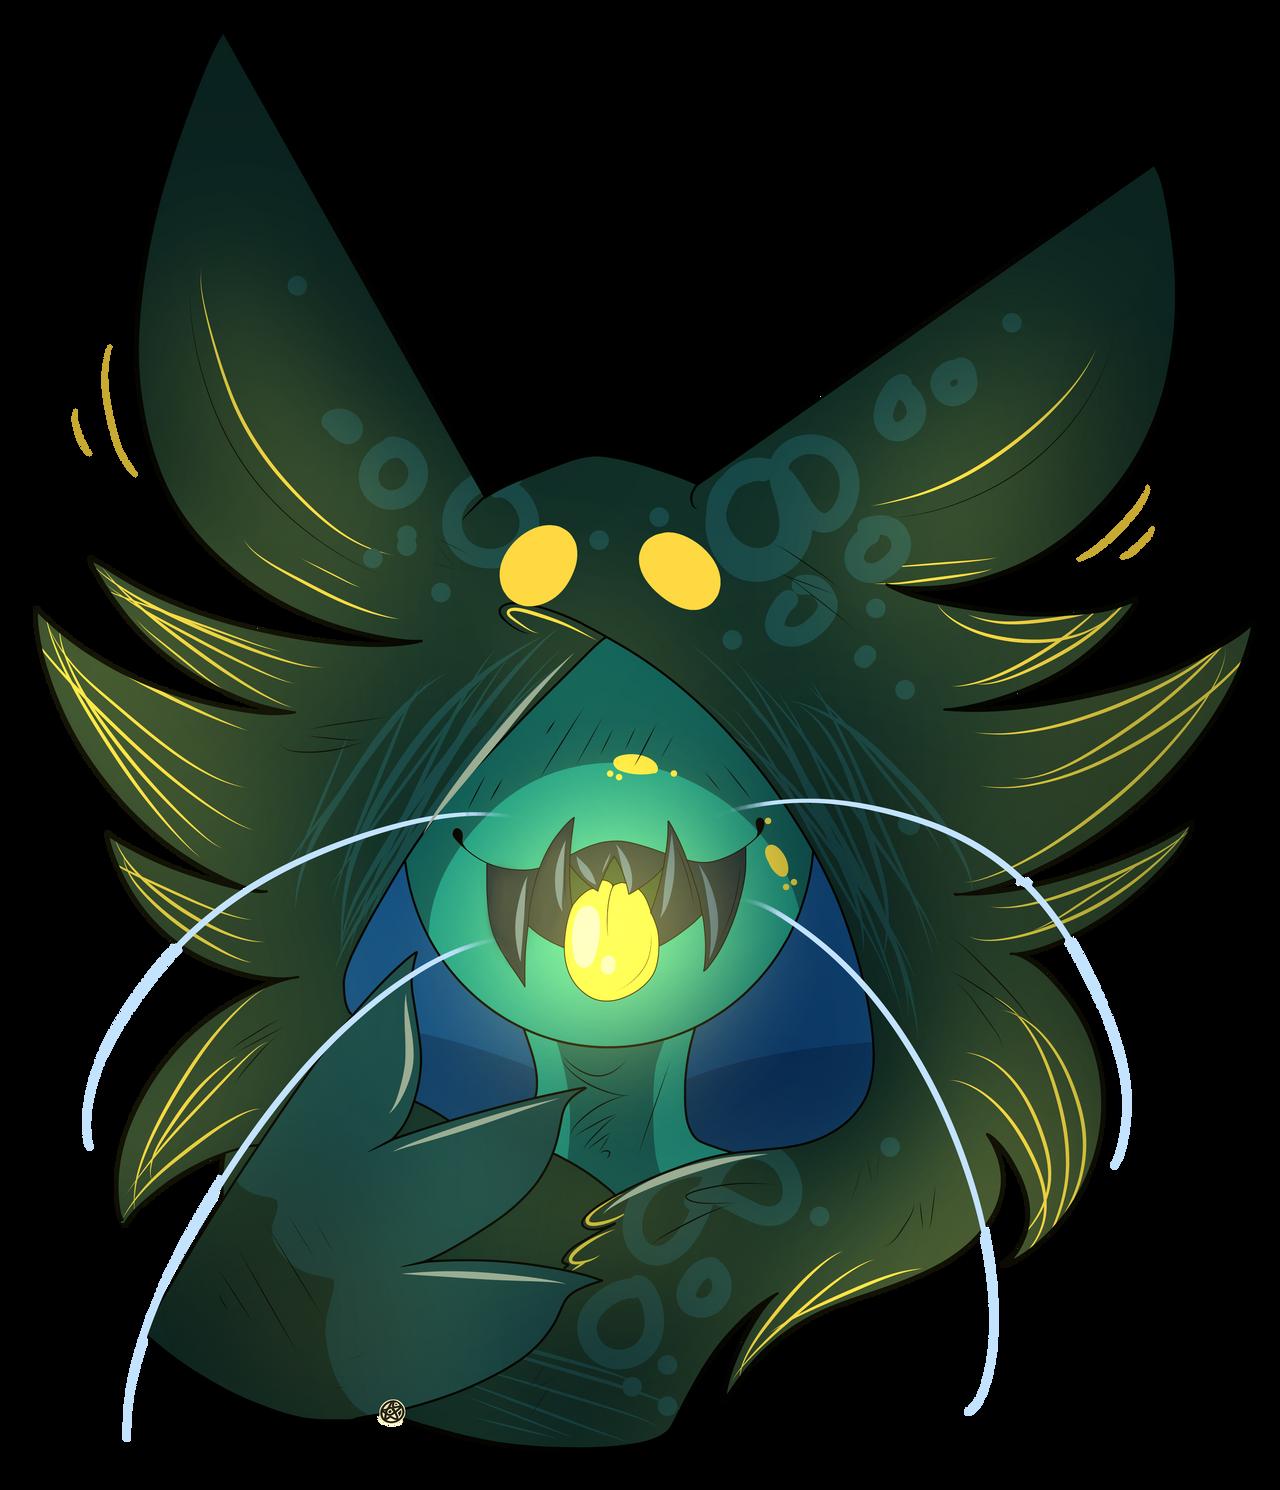 [Impims] Glowy Blep by joshiepopop